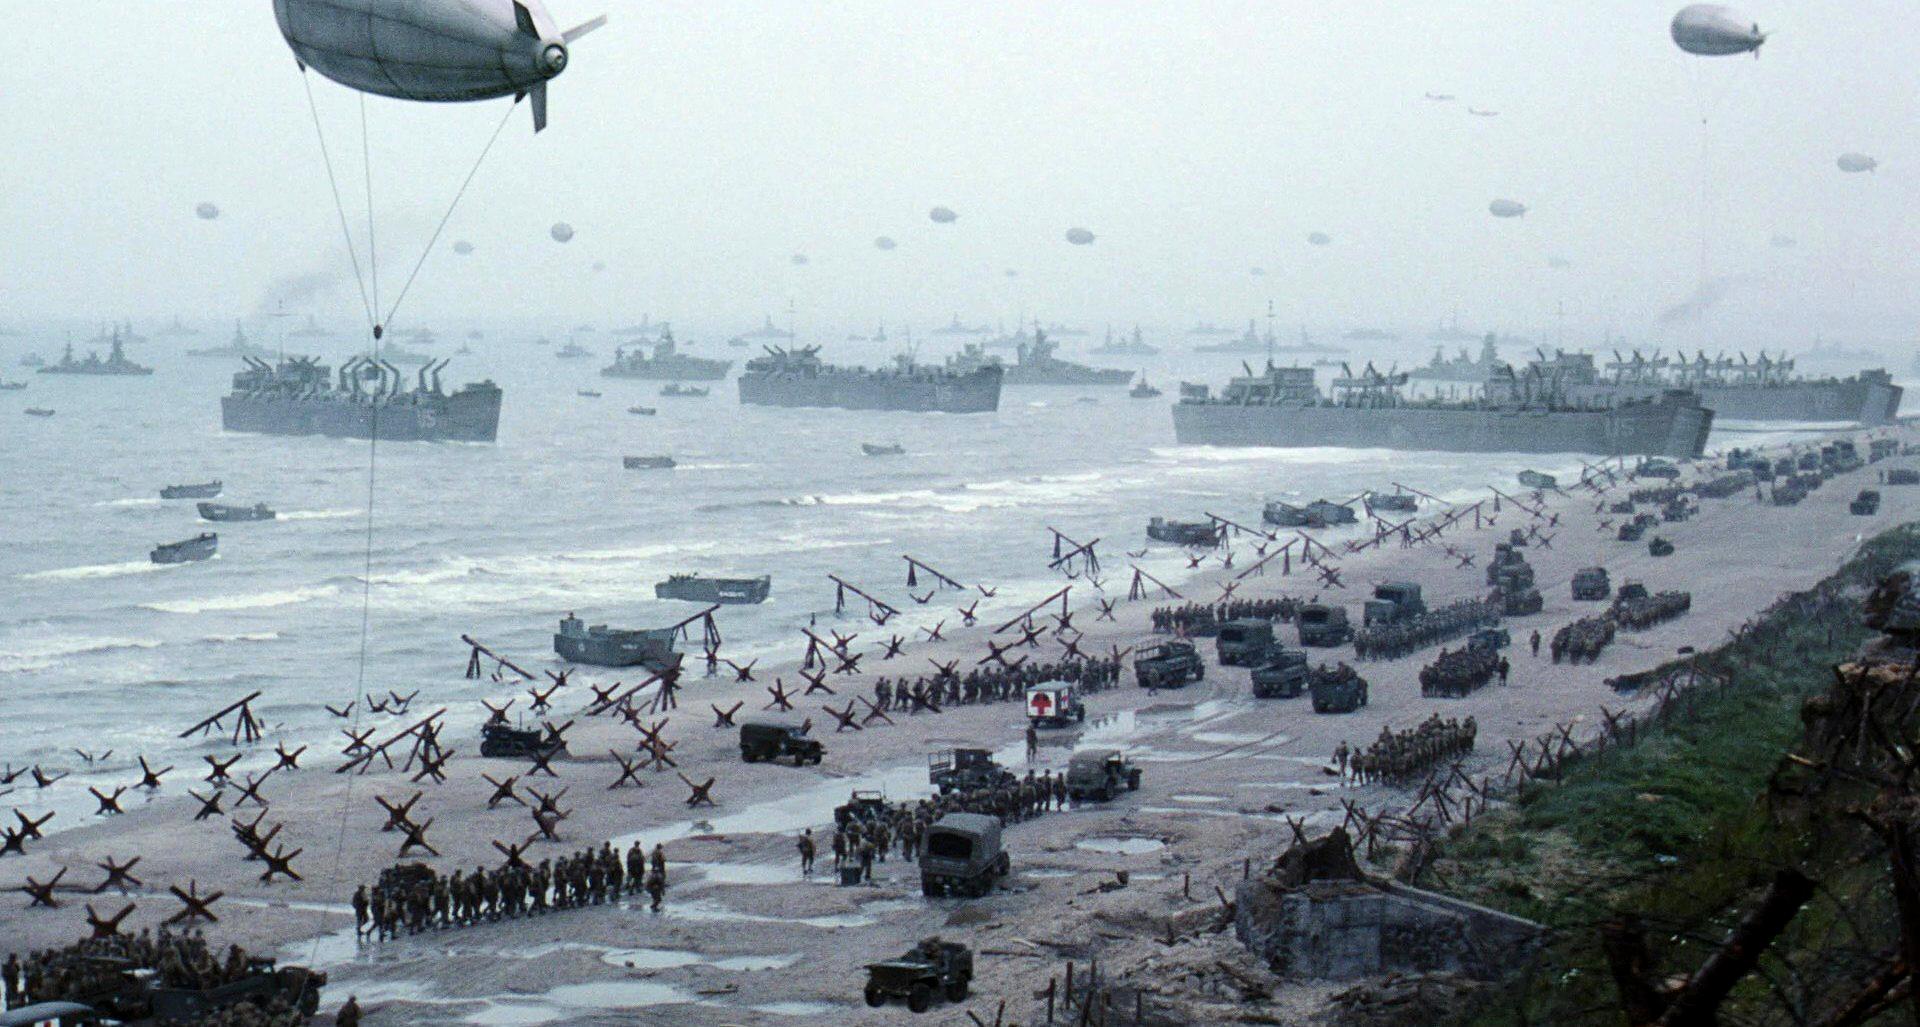 второй фронт был открыт на территории